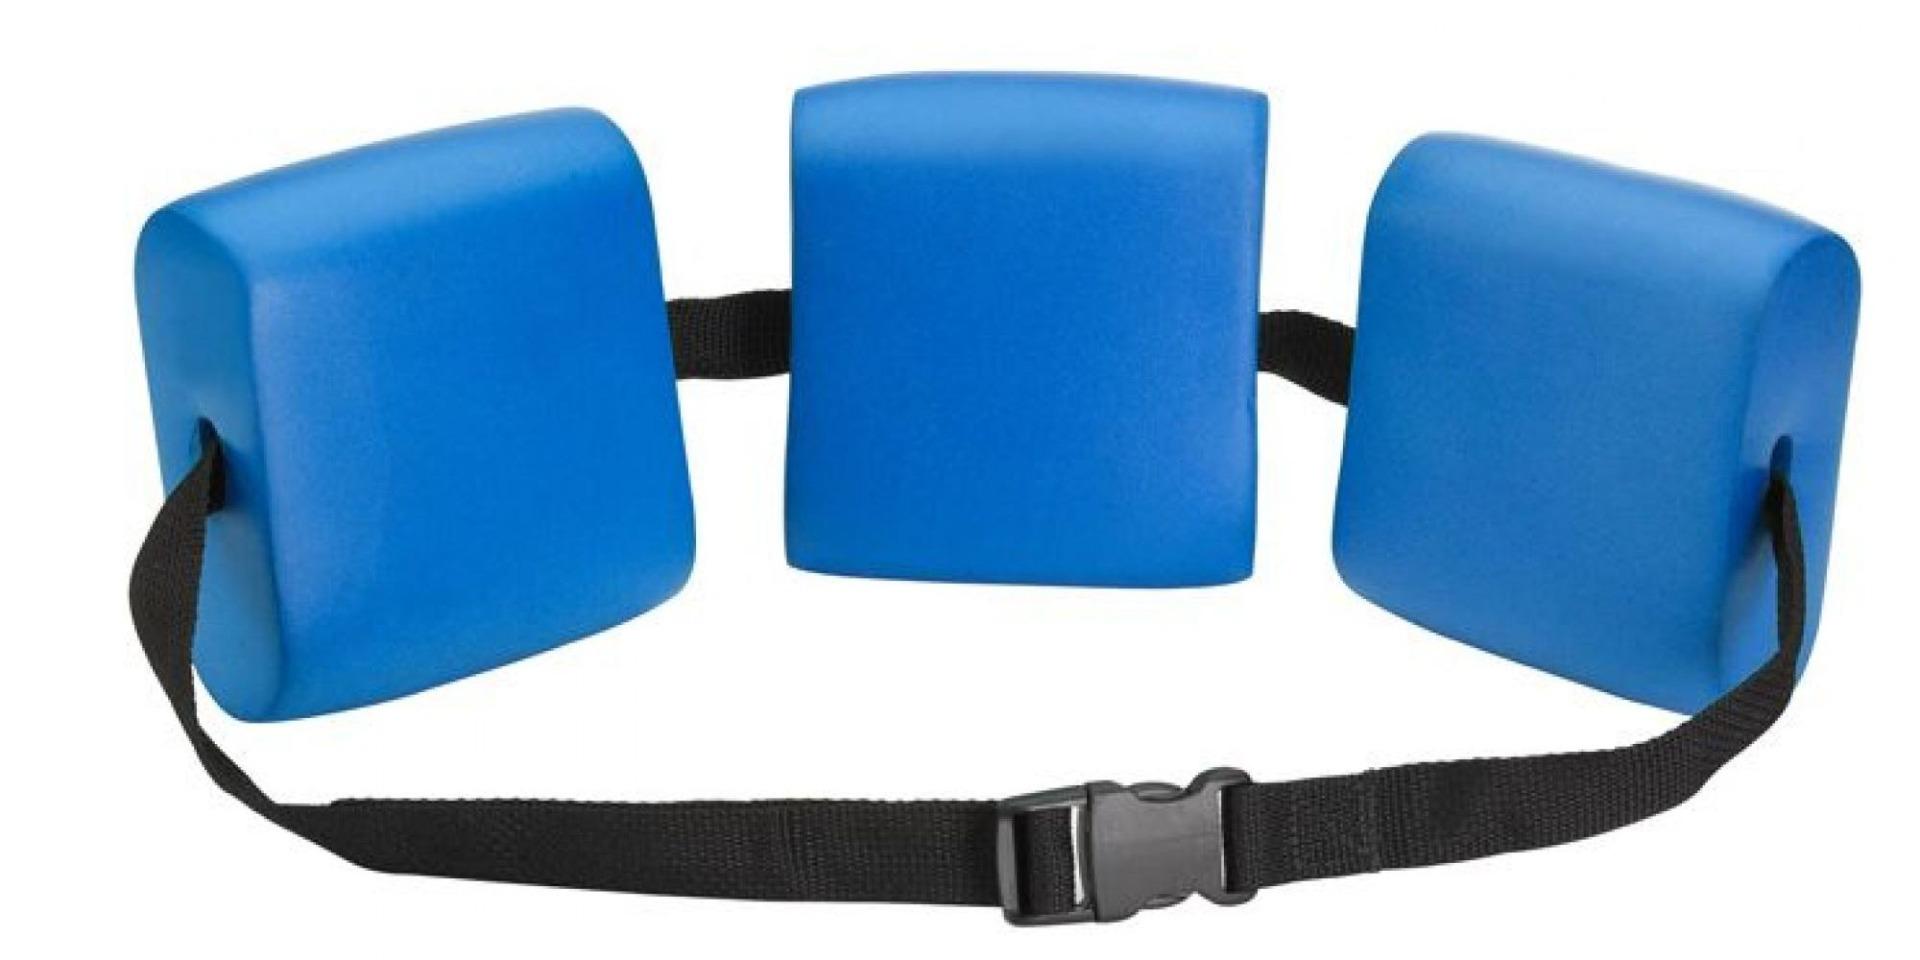 CanDo Aquatic Swim Belt